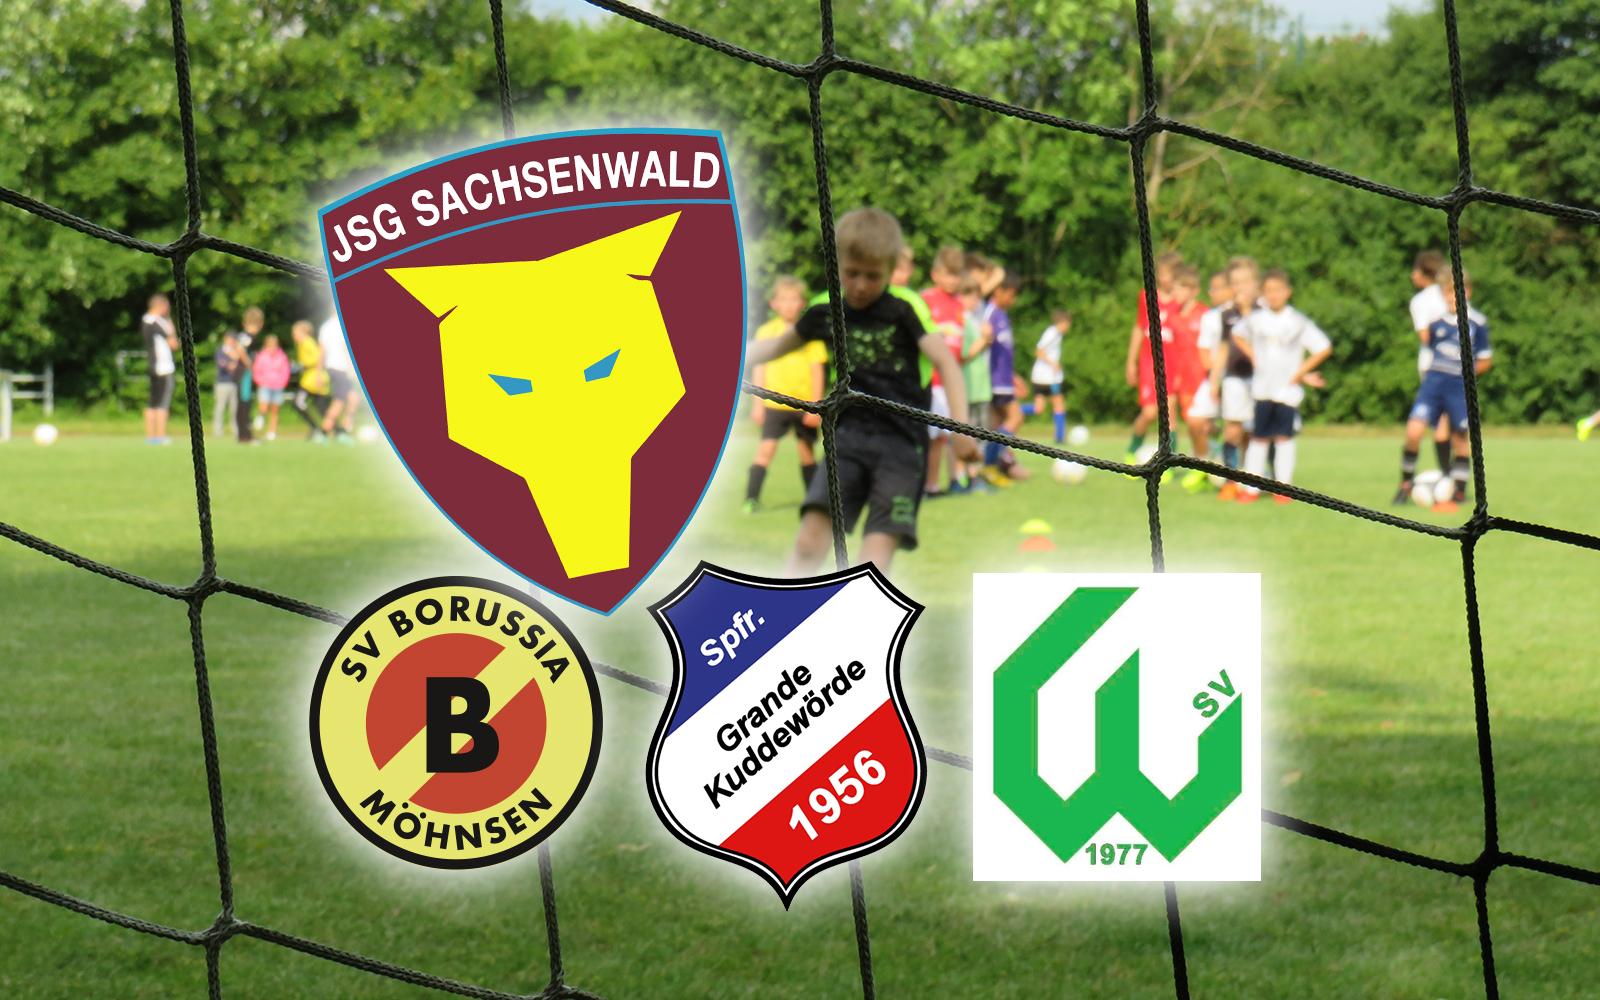 Witzhaver SV Sportfreunde Grande Kuddewörde Borussia Möhnsen zusammen als JSG Sachsenwald